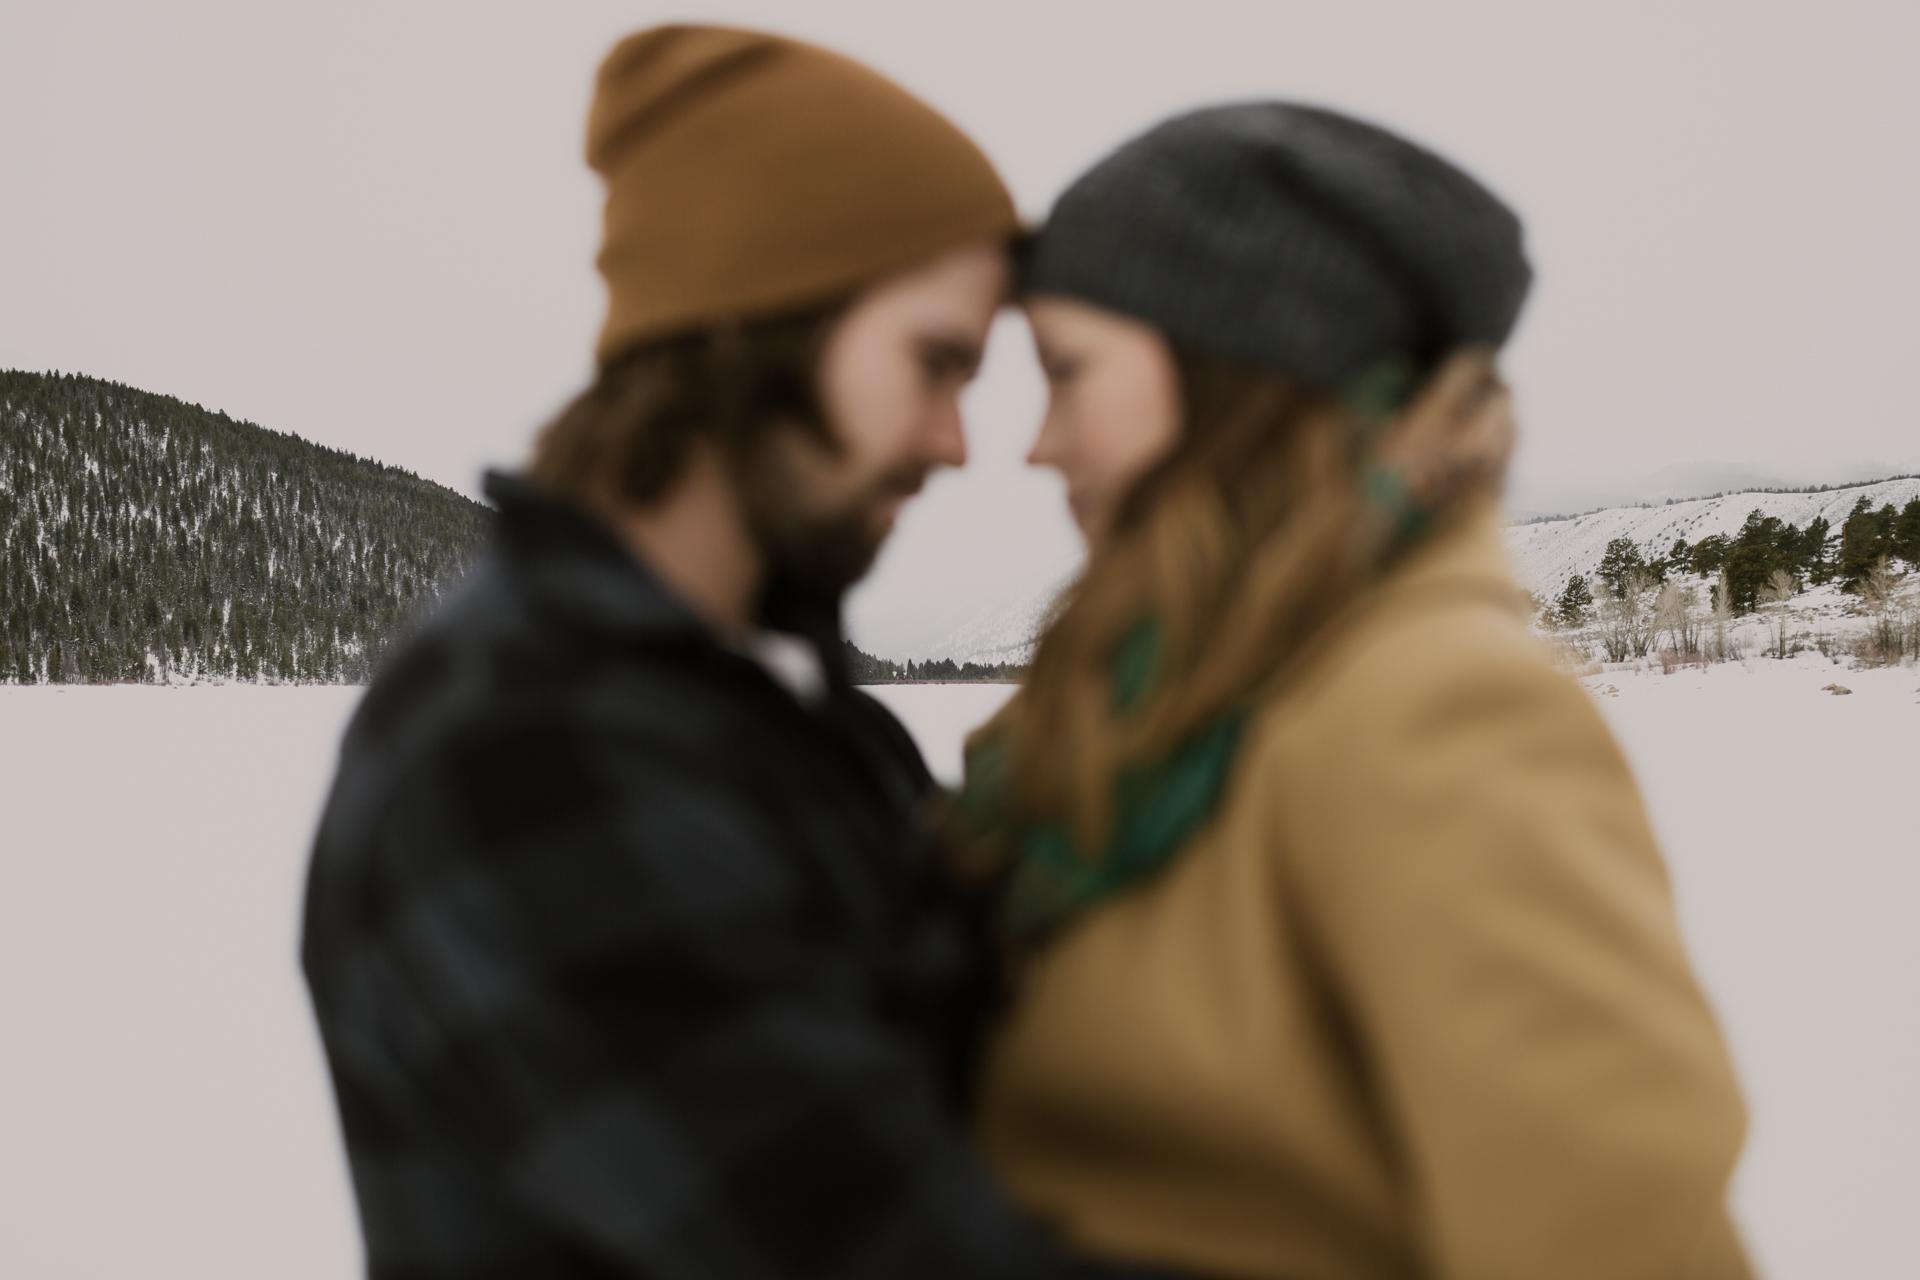 snowy-mountain-colorado-couples-shoot-8.jpg